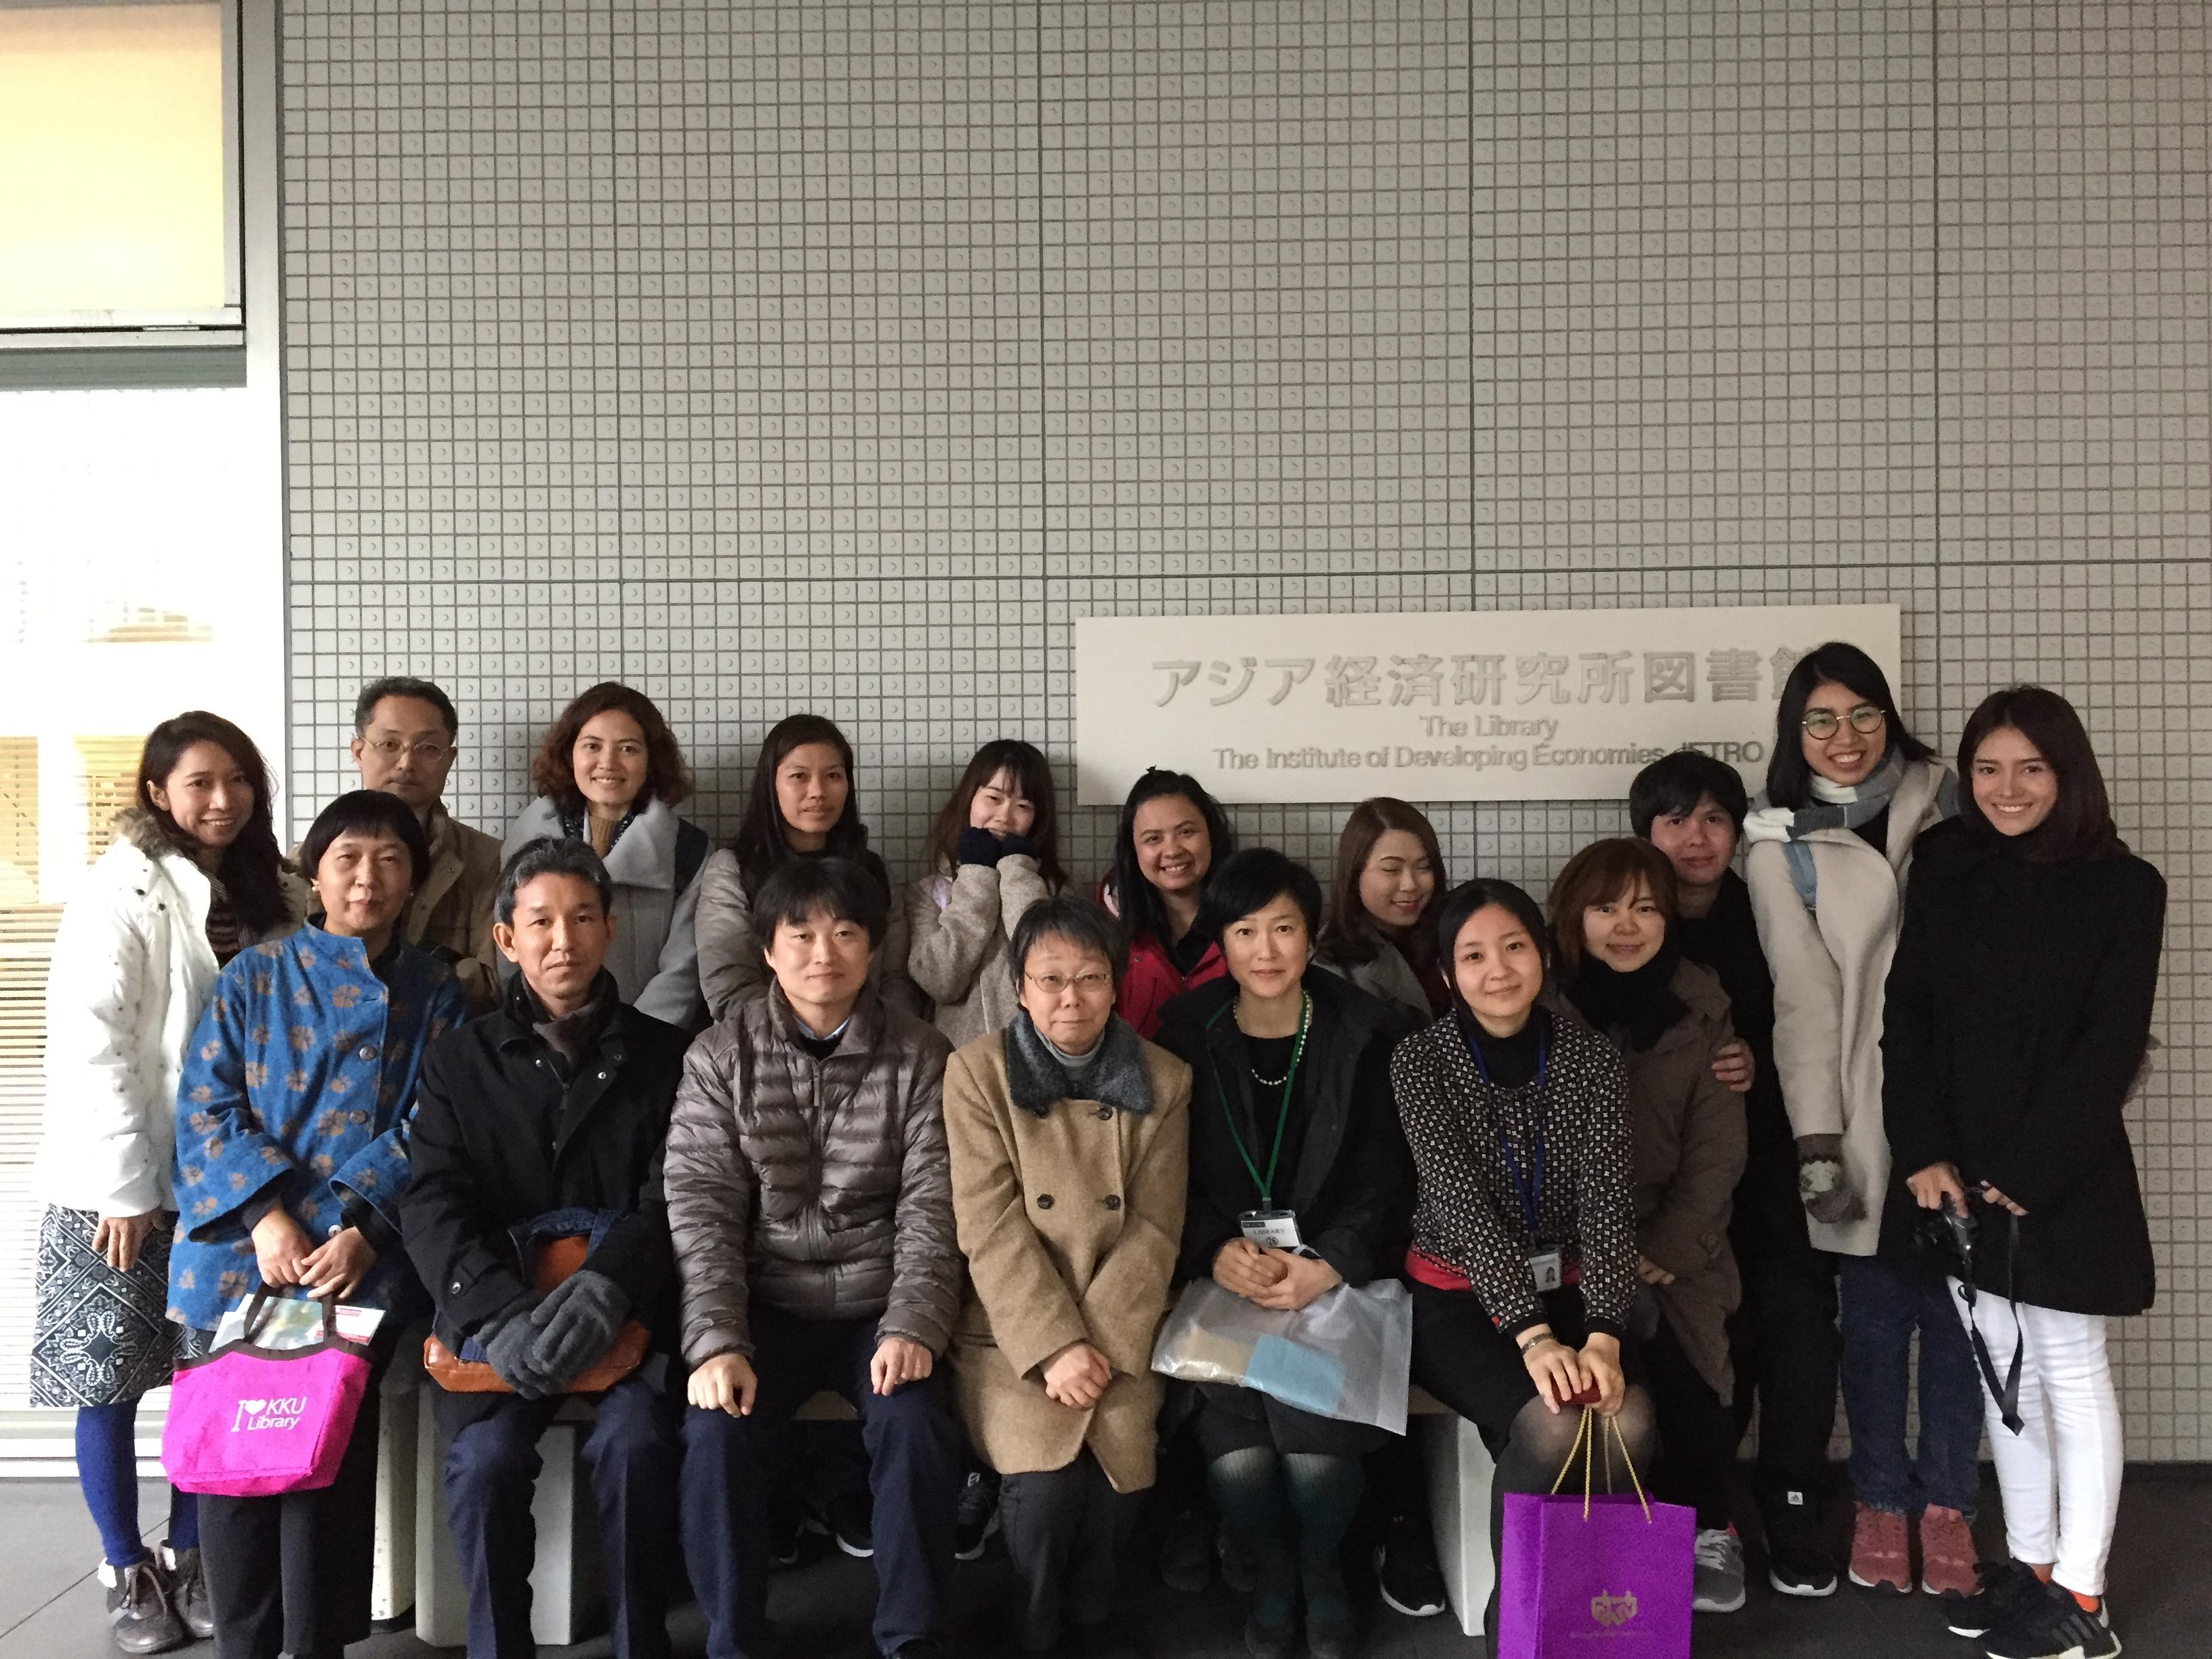 ジェトロ・アジア経済研究所図書館での集合写真